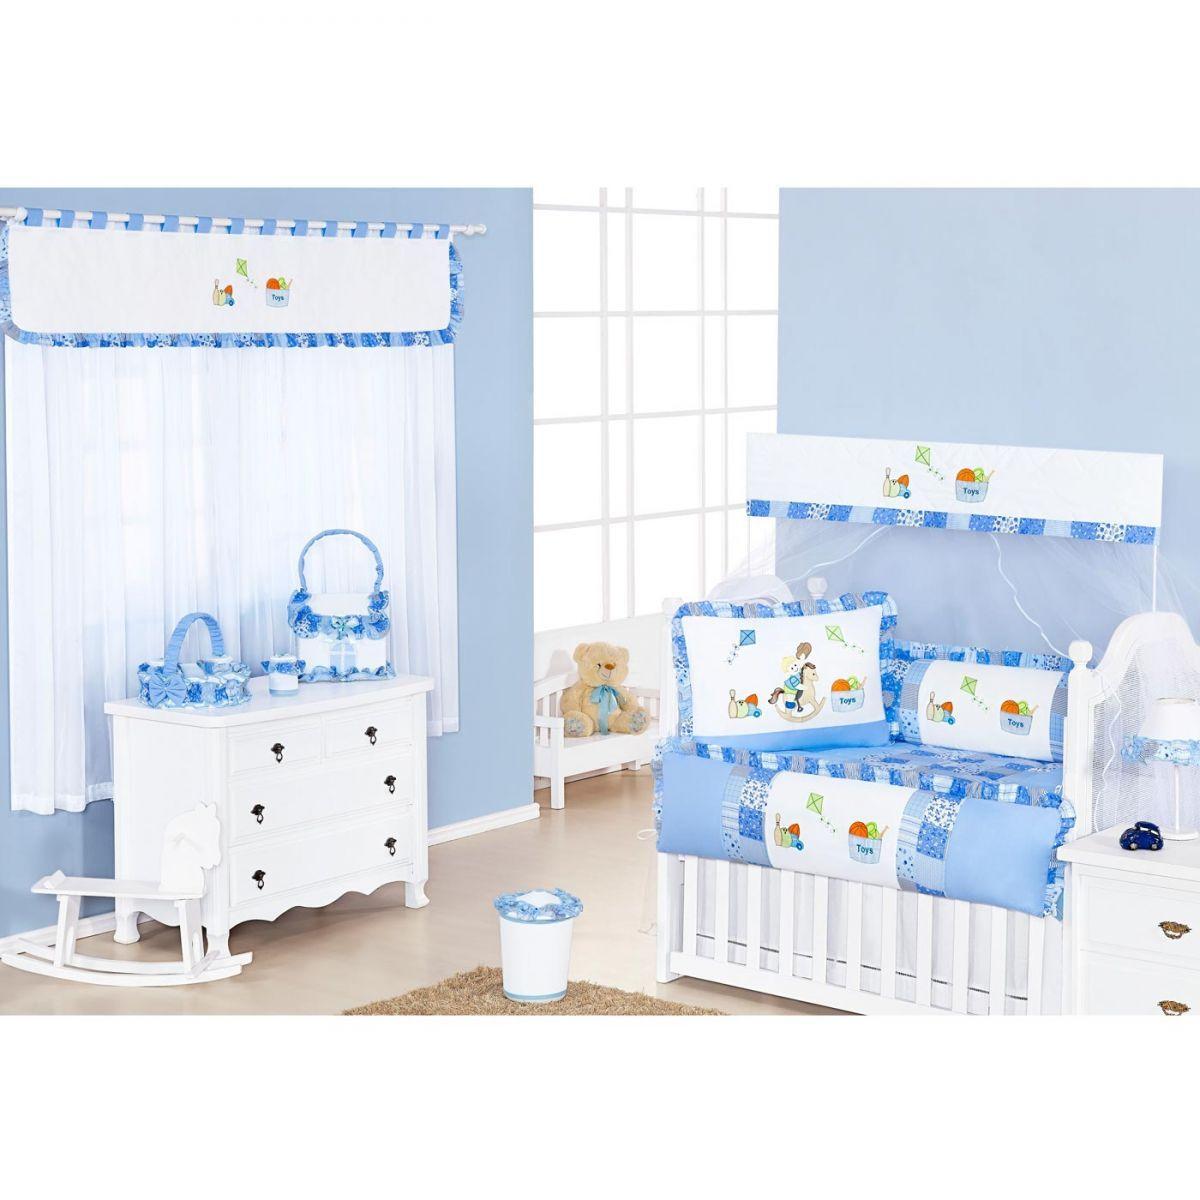 Lixeira Enfeitada para Quarto de Bebê Coleção Pedrinho - Azul